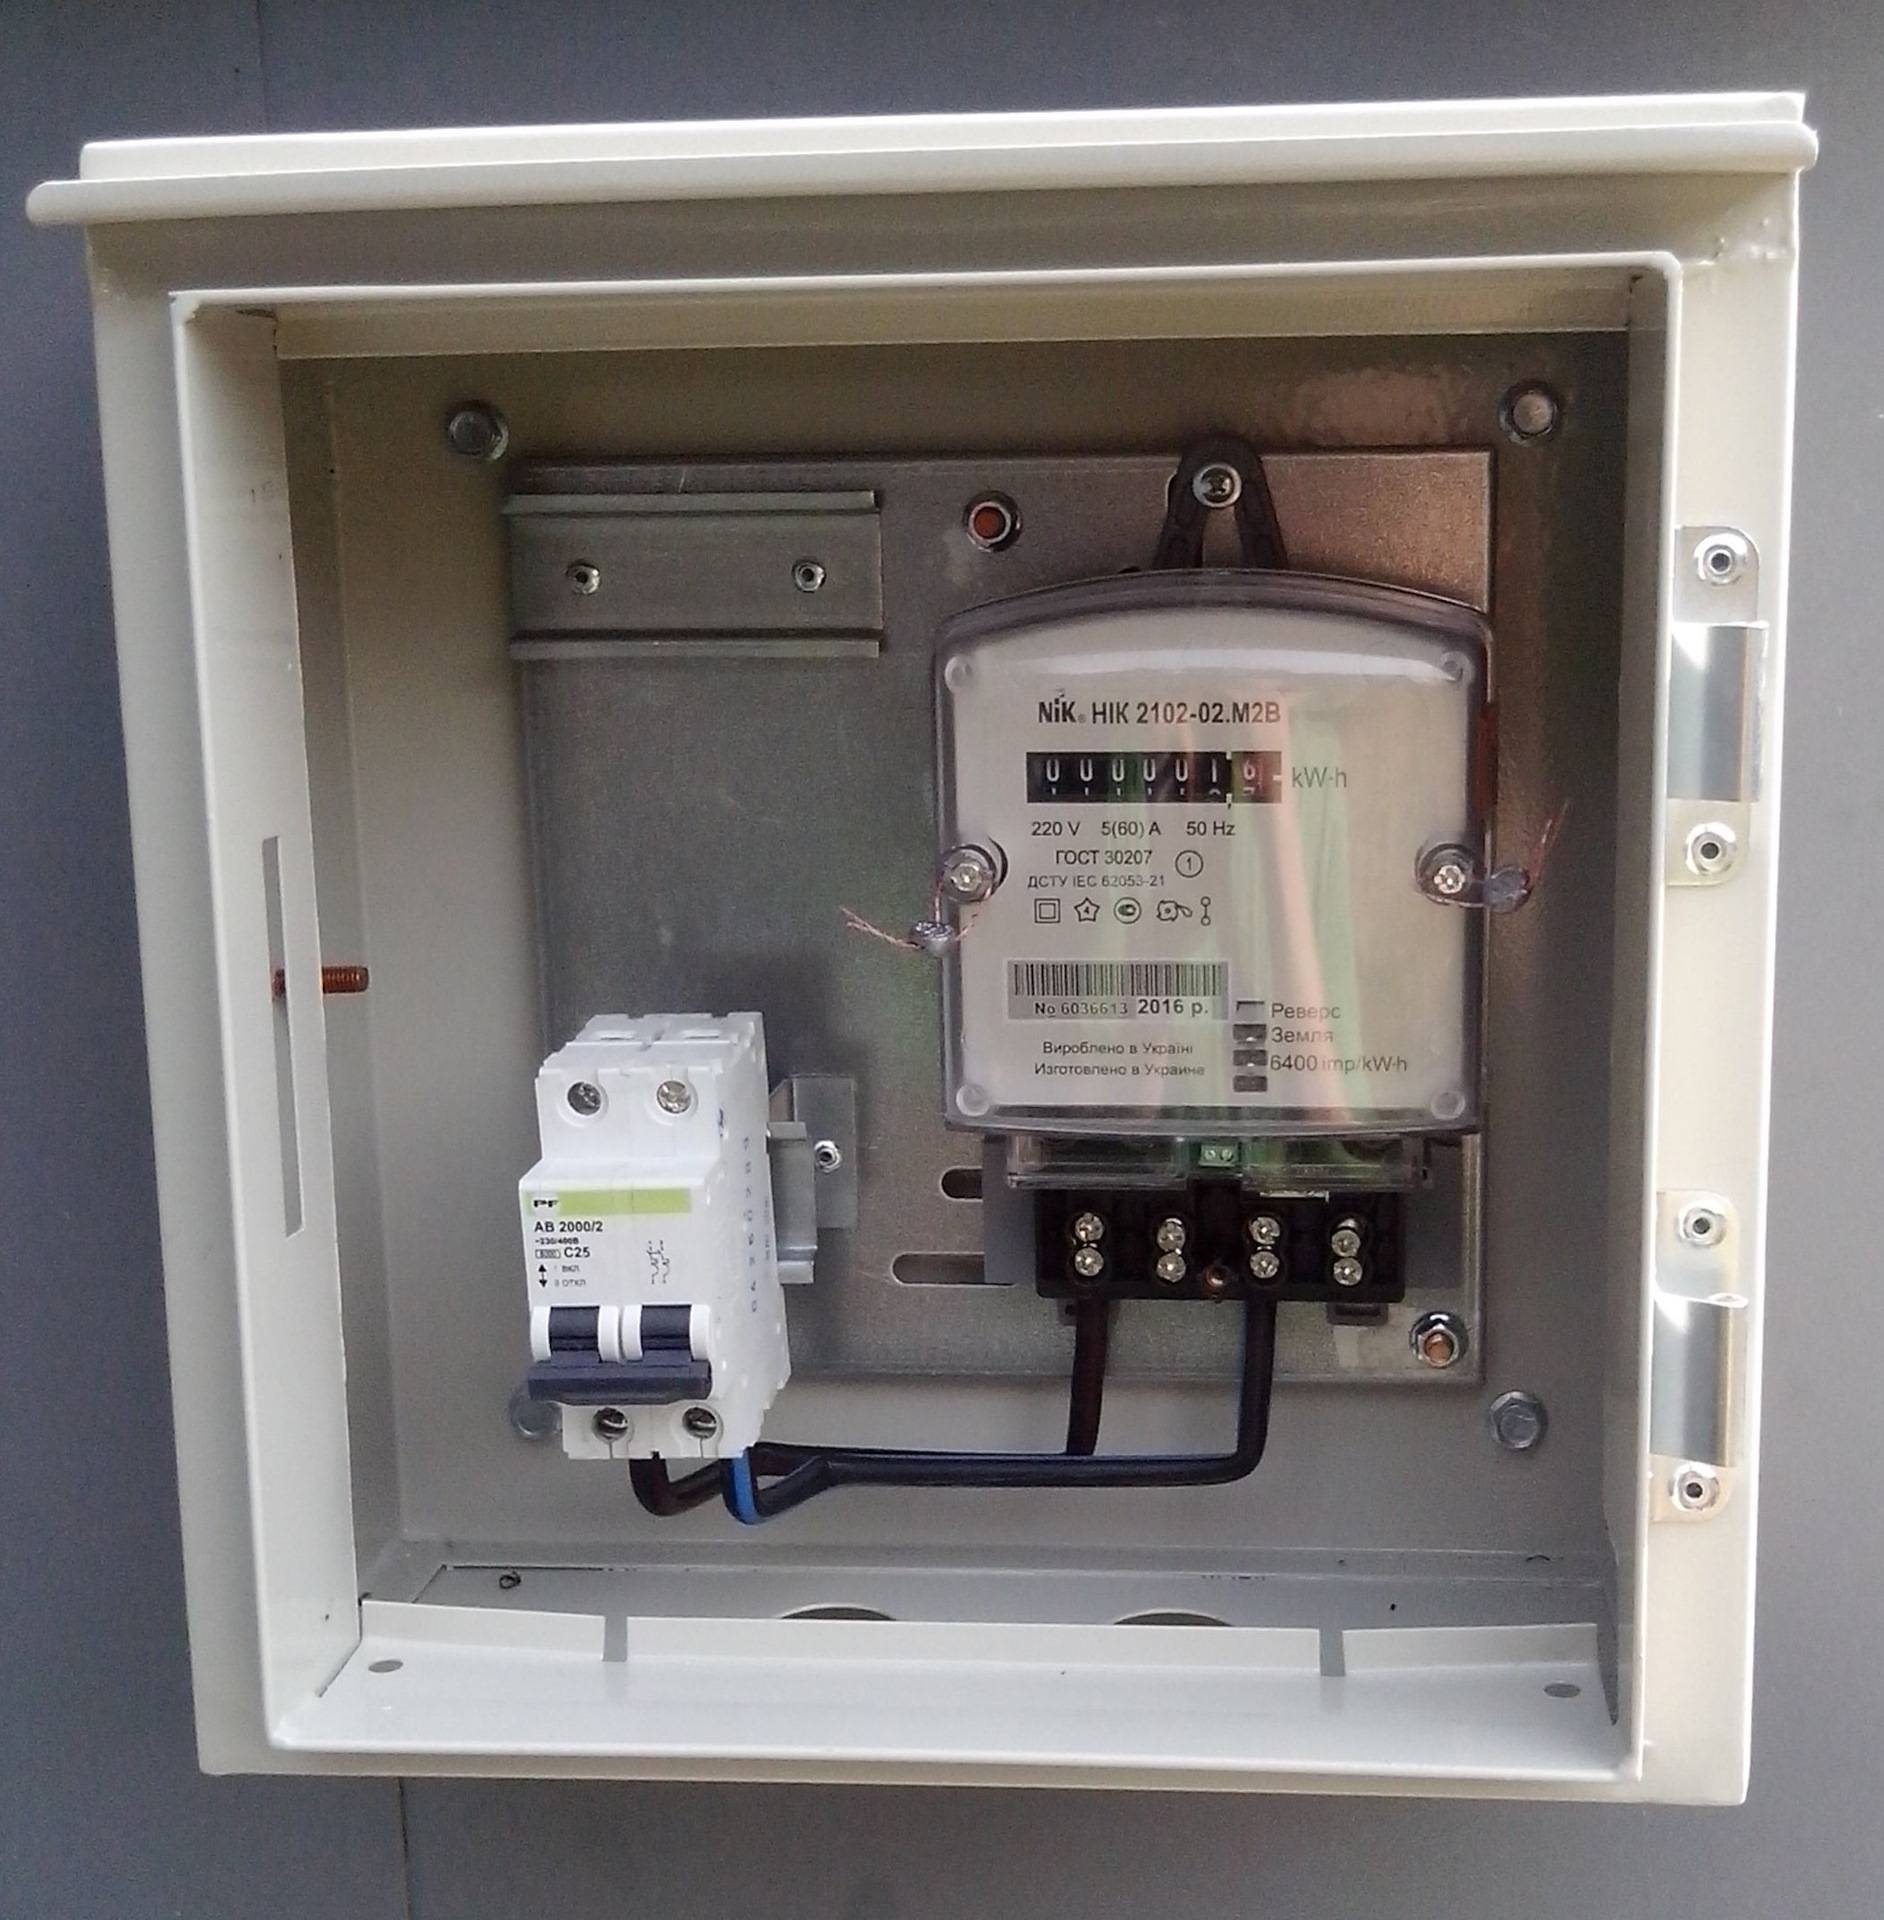 Щиток для автоматов и электросчётчика: конструкция, установка, сборка бокса и подключение электроэлементов